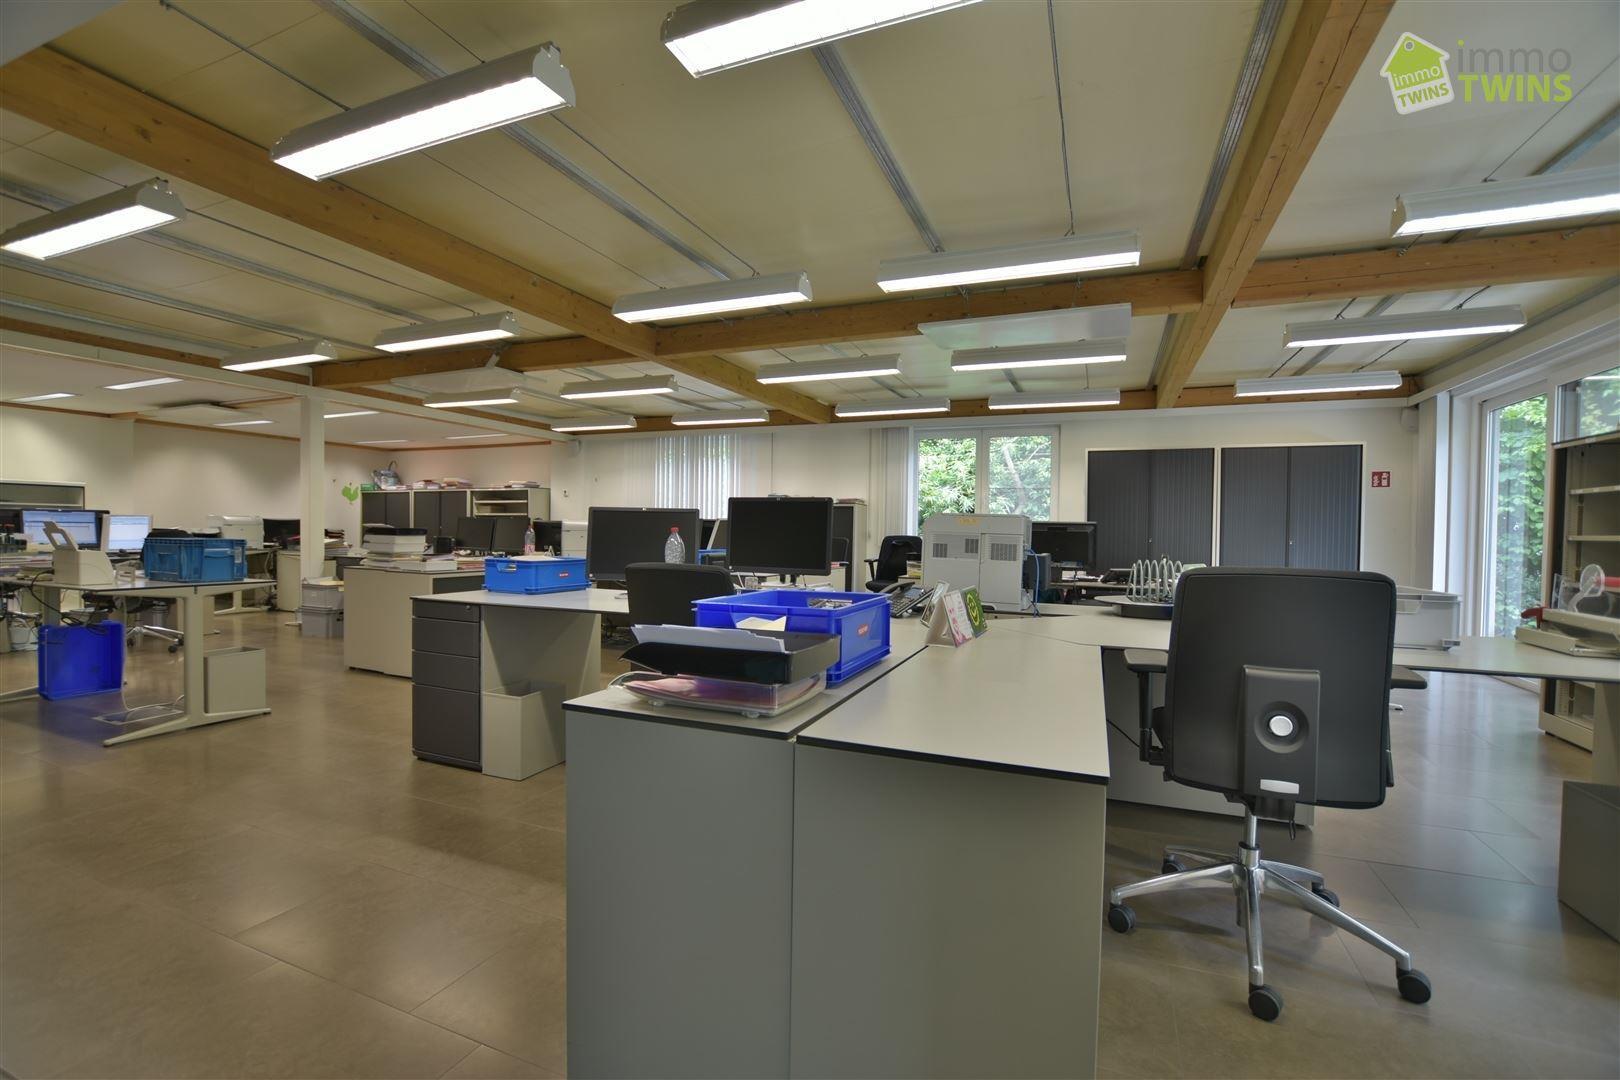 Foto 4 : Kantoorruimte te 9200 DENDERMONDE (België) - Prijs € 2.500